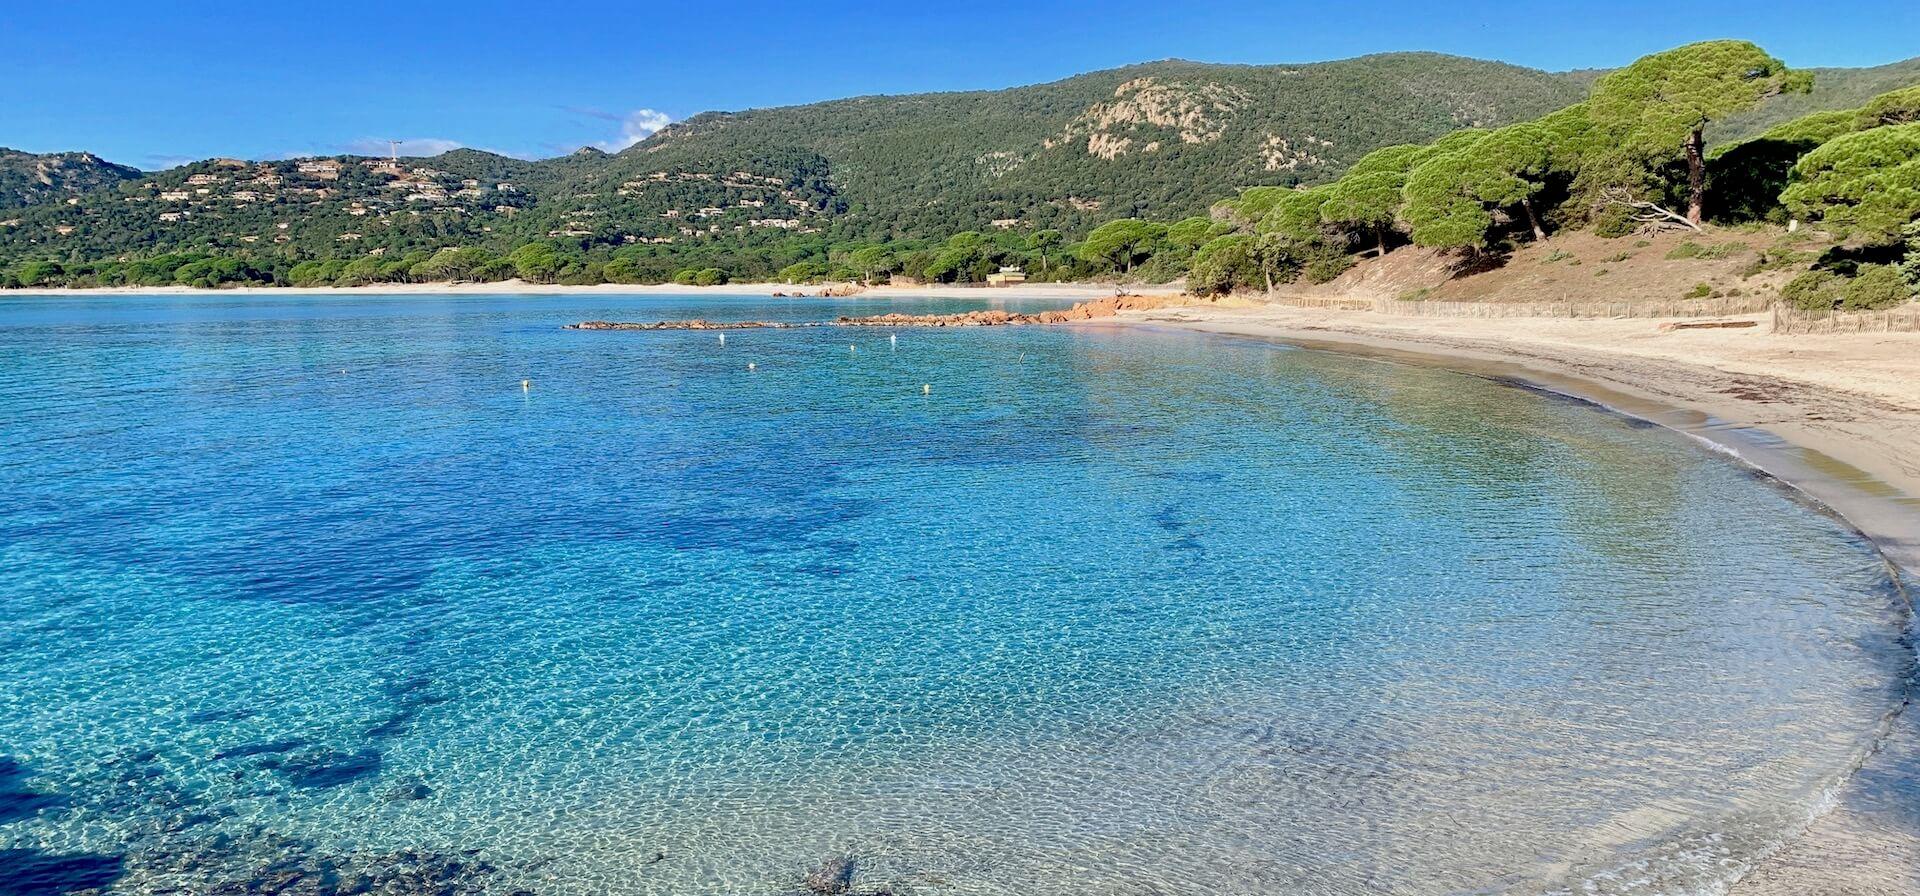 La plage de Palombaggia, Corse